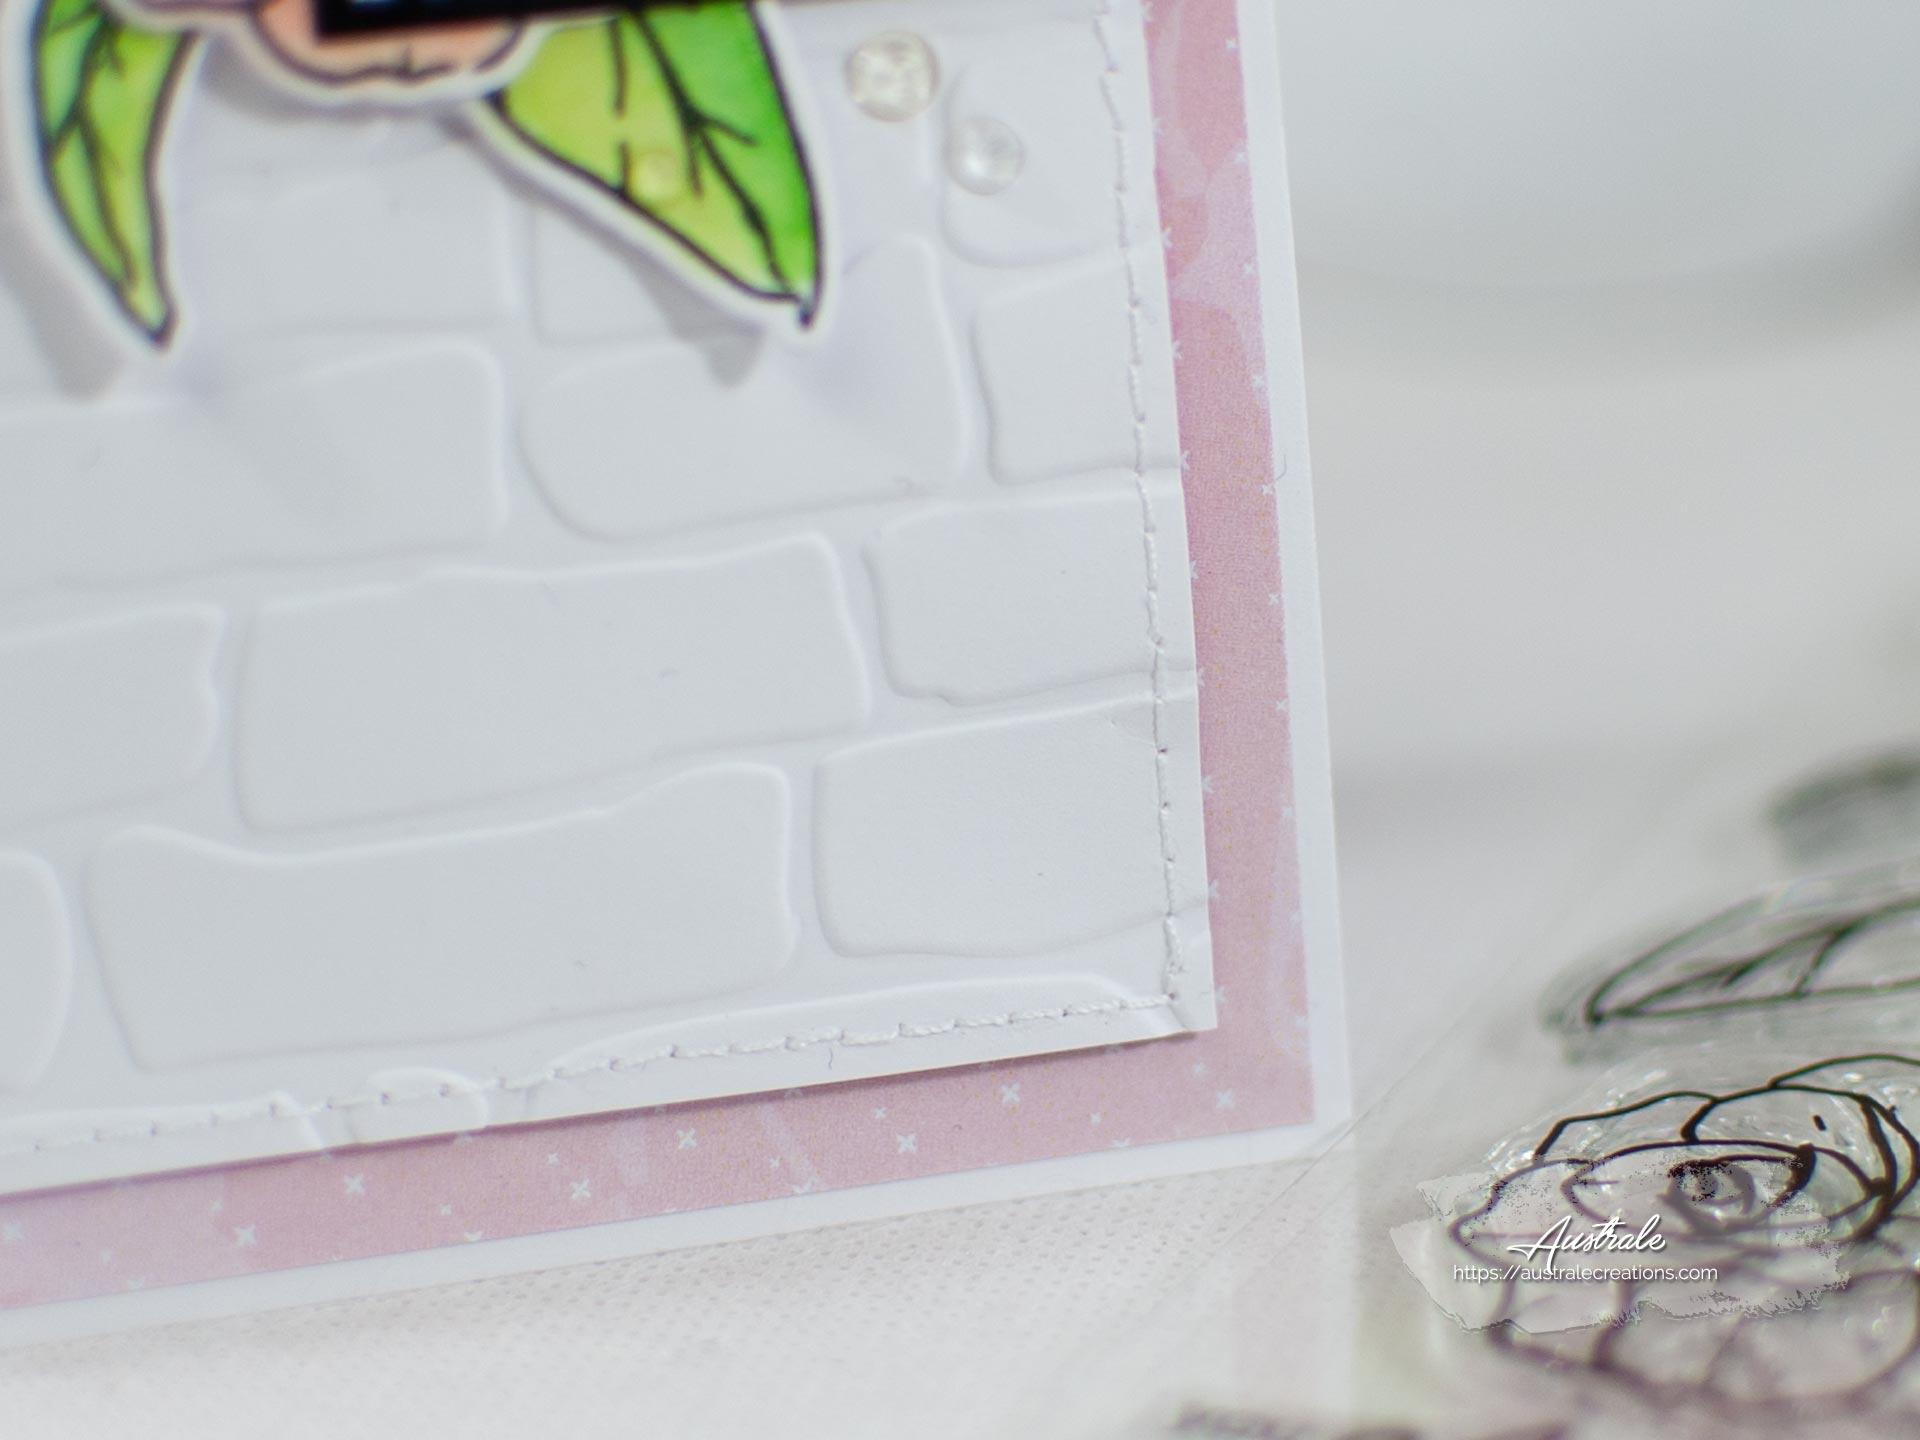 Création d'une carte pour anniversaire. Elle est décorée de fleurs et feuillages mis en couleurs à l'aquarelle dans un combo en rose, blanc et vert.